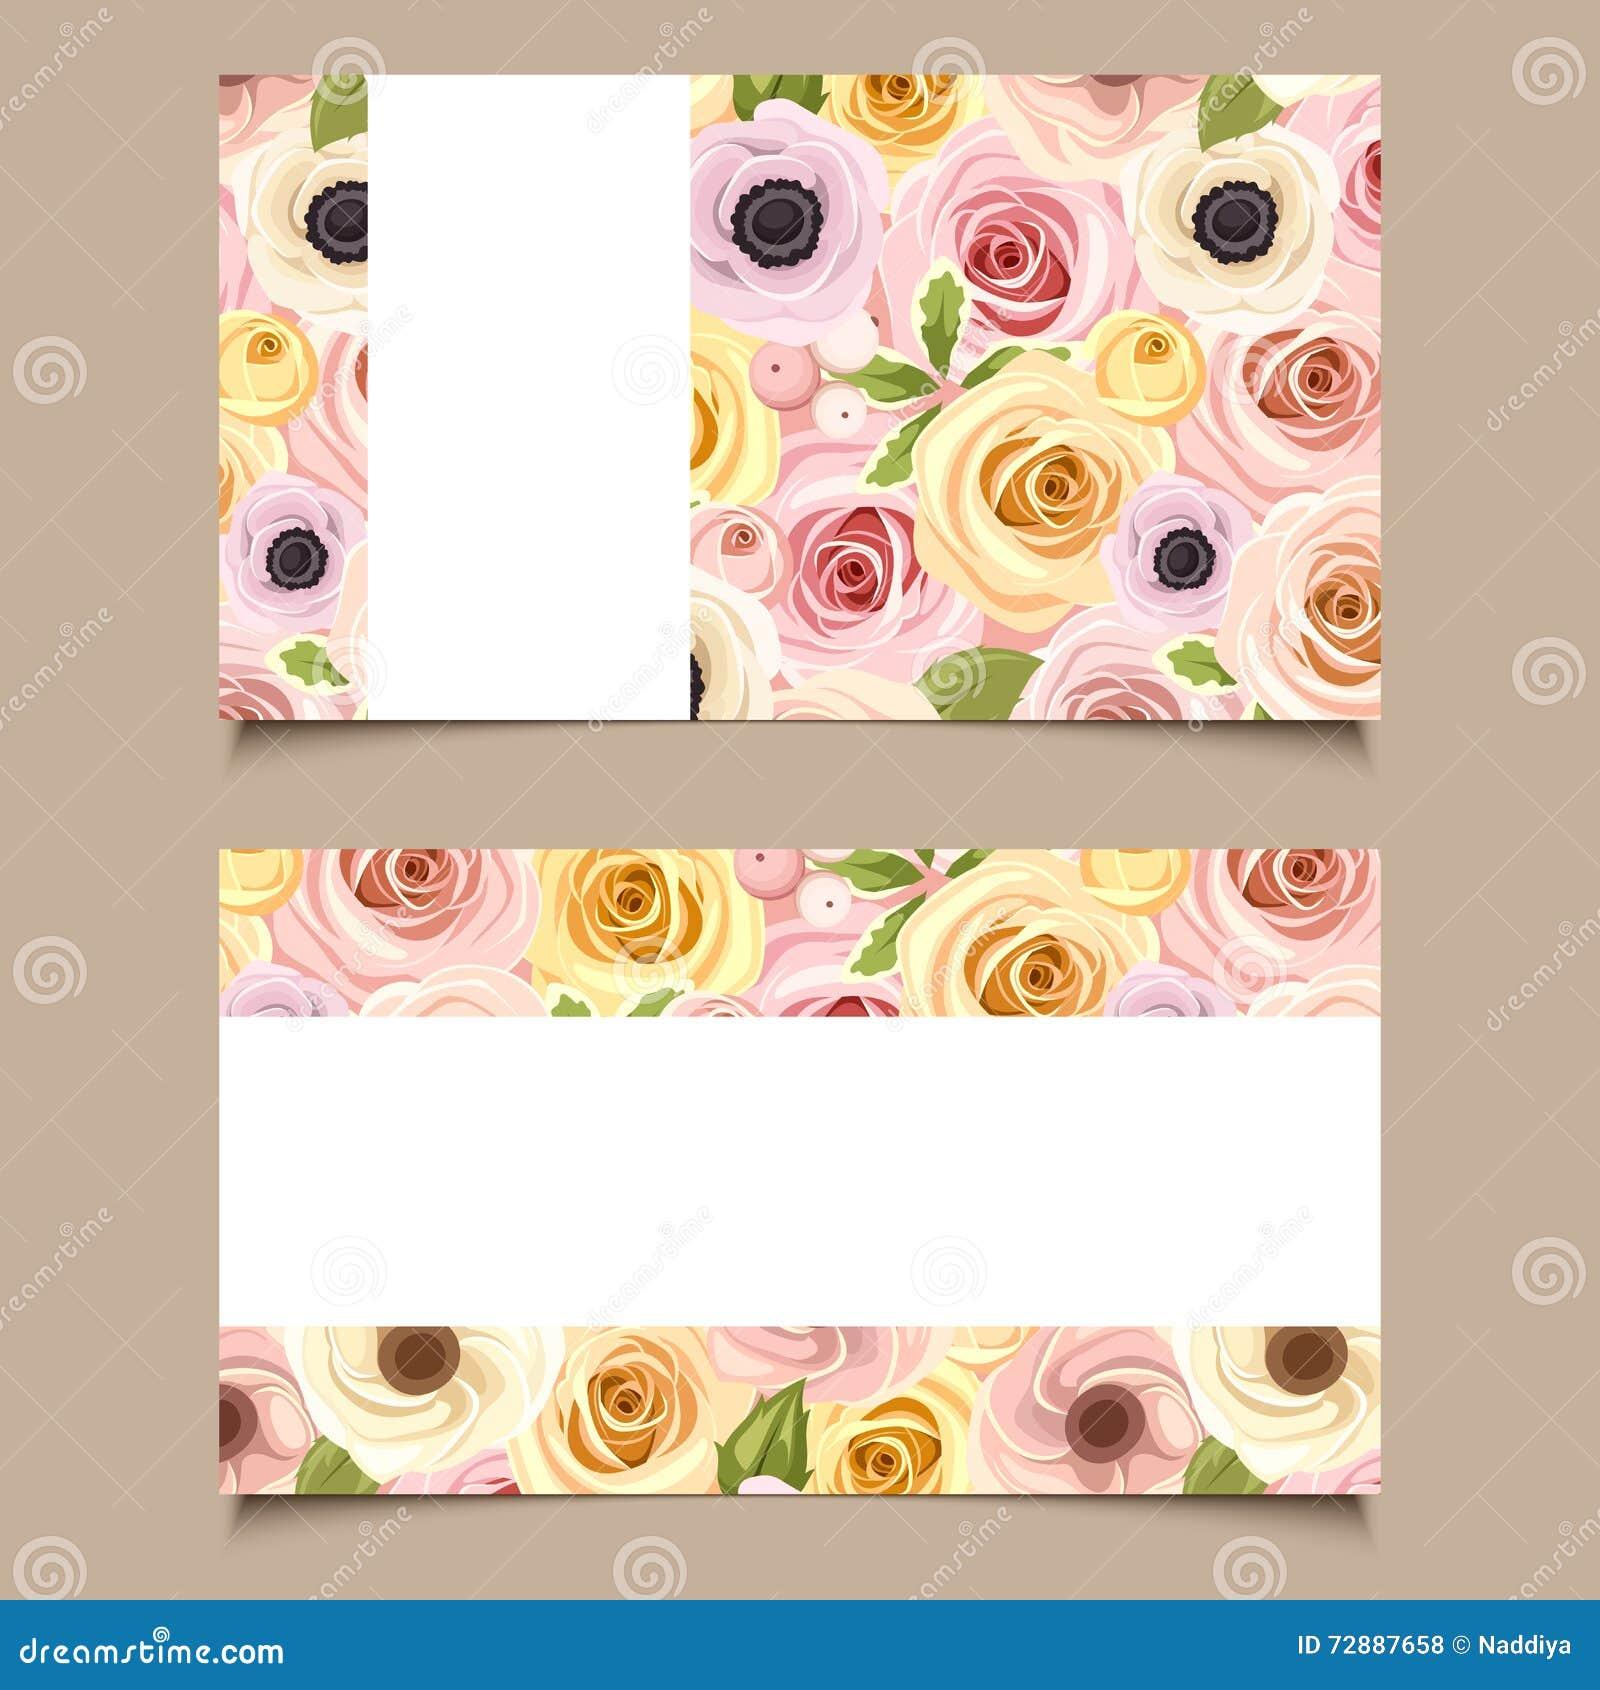 Cartes De Visite Professionnelle Avec Le Modele Fleurs Rose Et Jaune Vecteur EPS